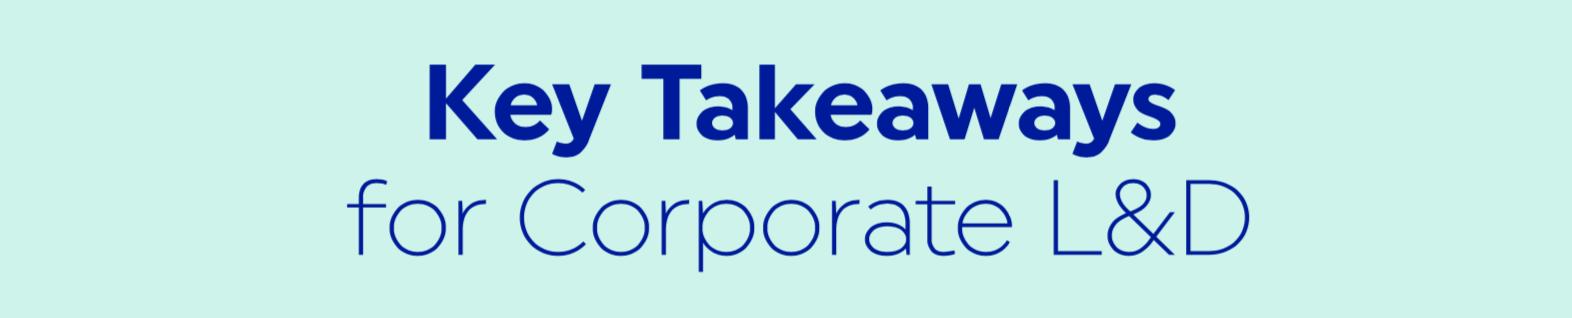 Corporate L&D